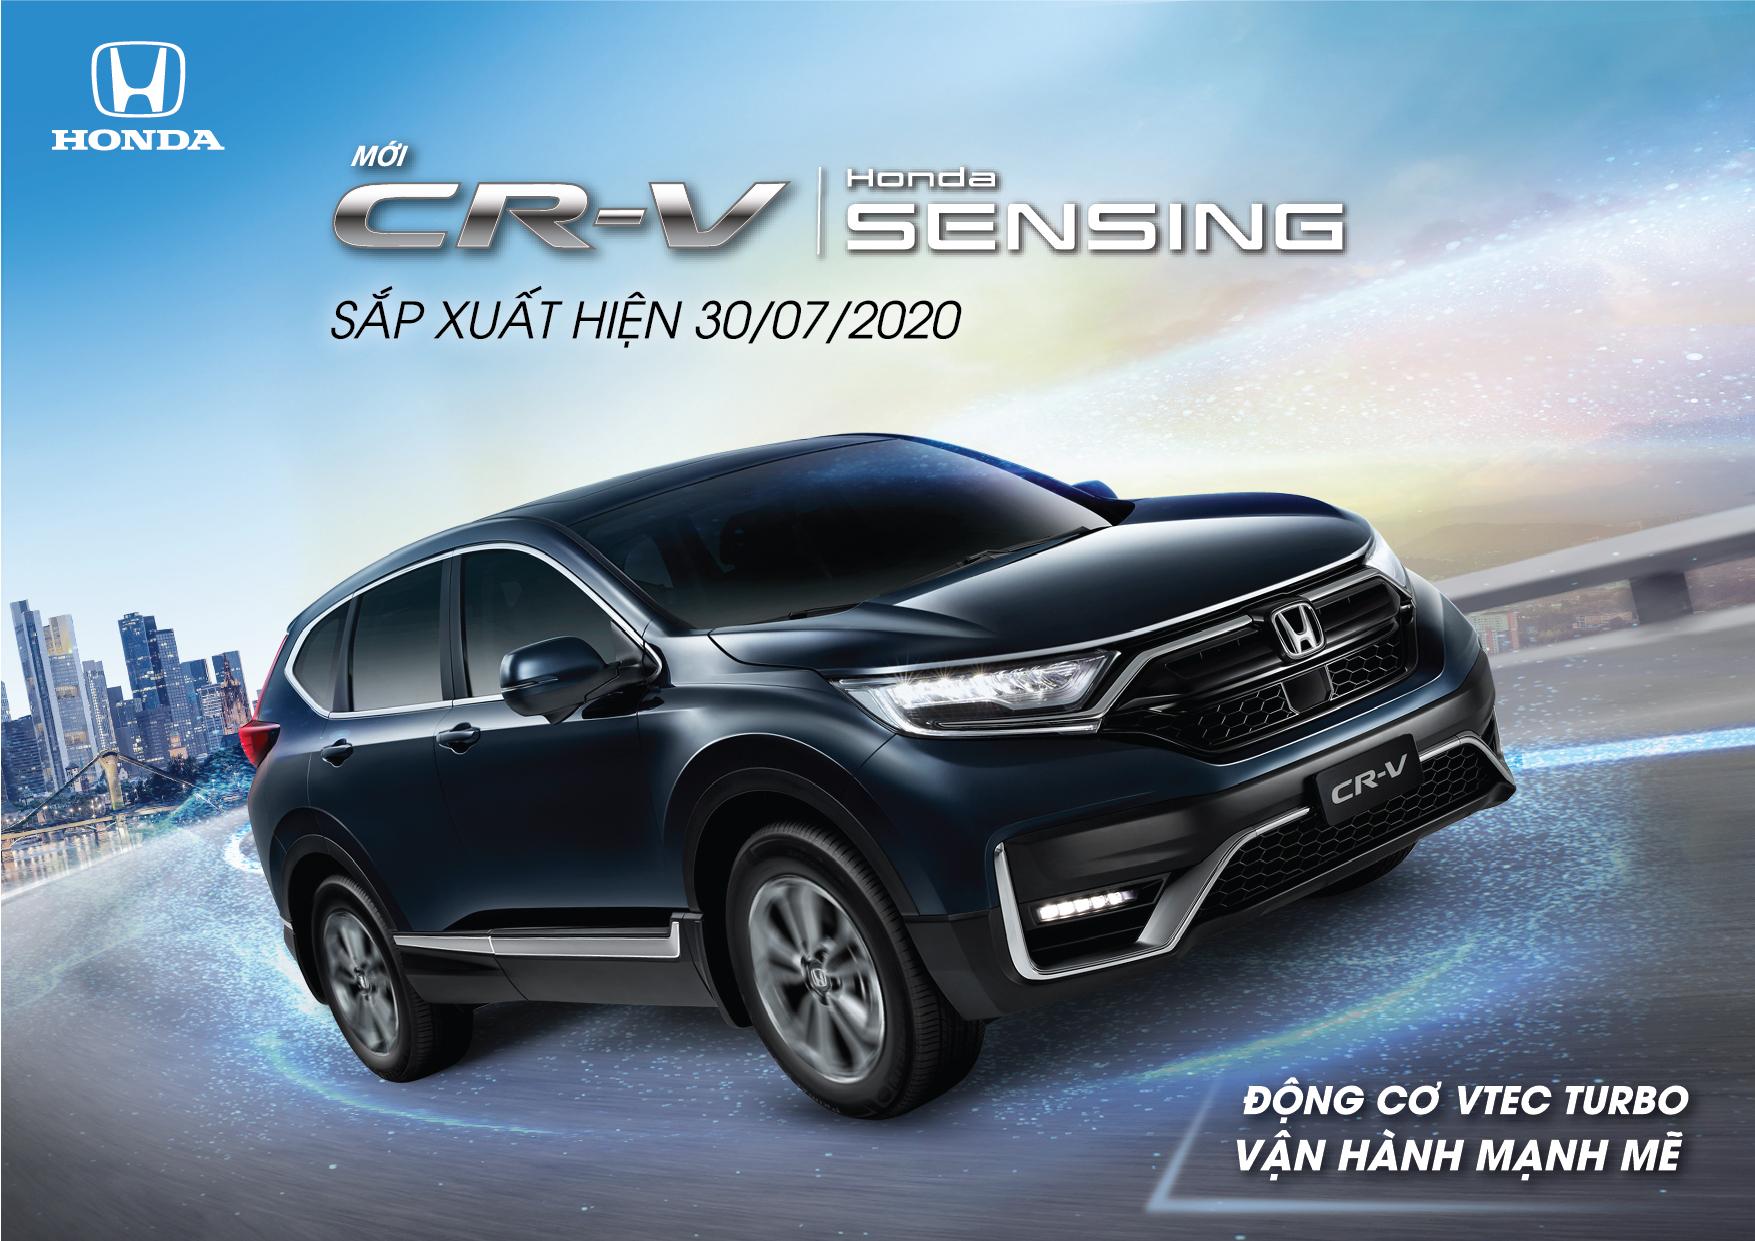 Honda CR-V 2020 chốt ngày ra mắt tại Việt Nam, sẽ được lắp ráp trong nước